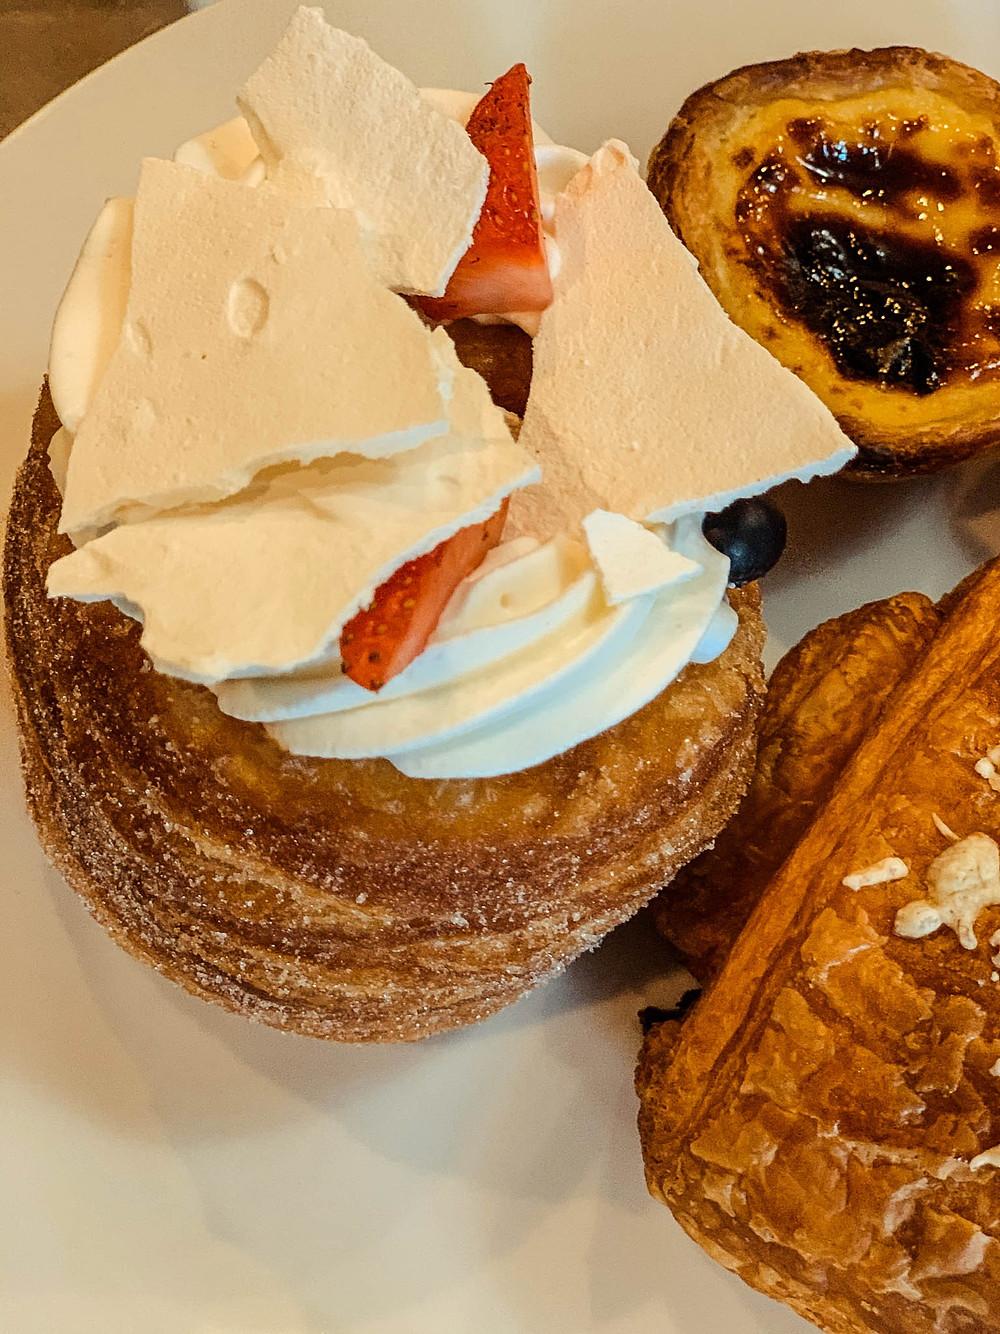 Jason Bakery's famous doughssant